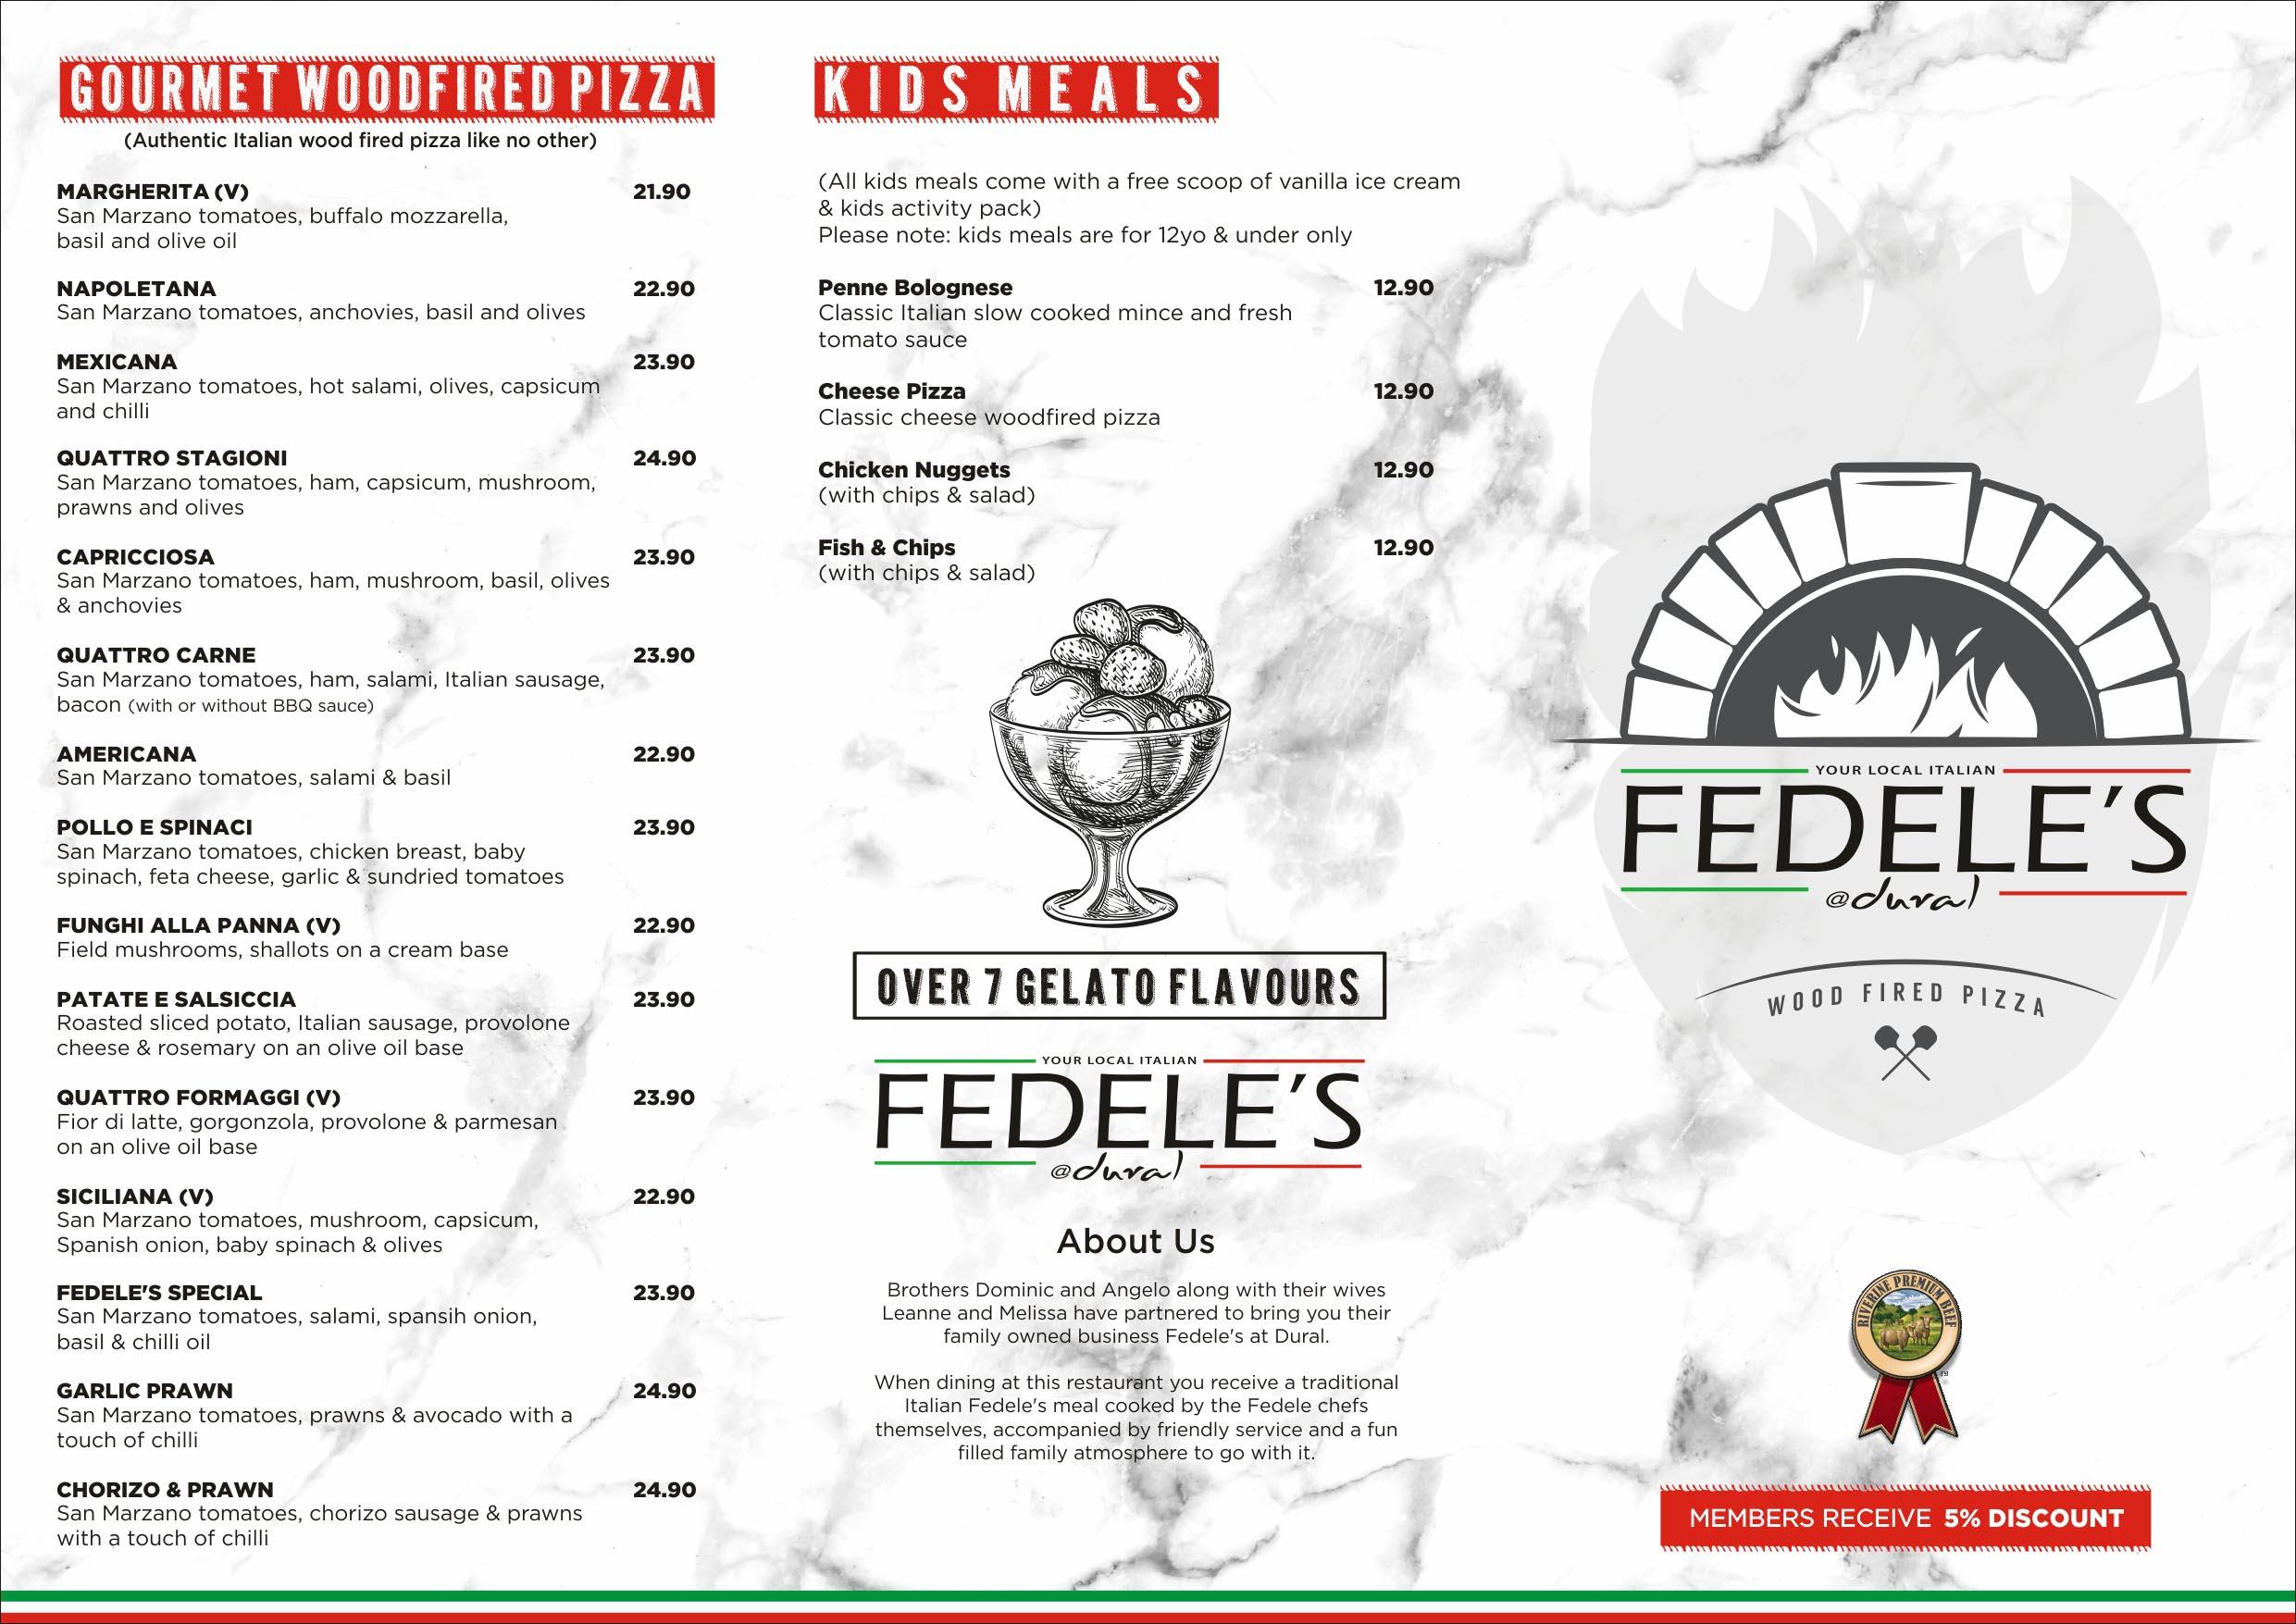 64842 - Fedele's Dural - Table Menu - revised (1)